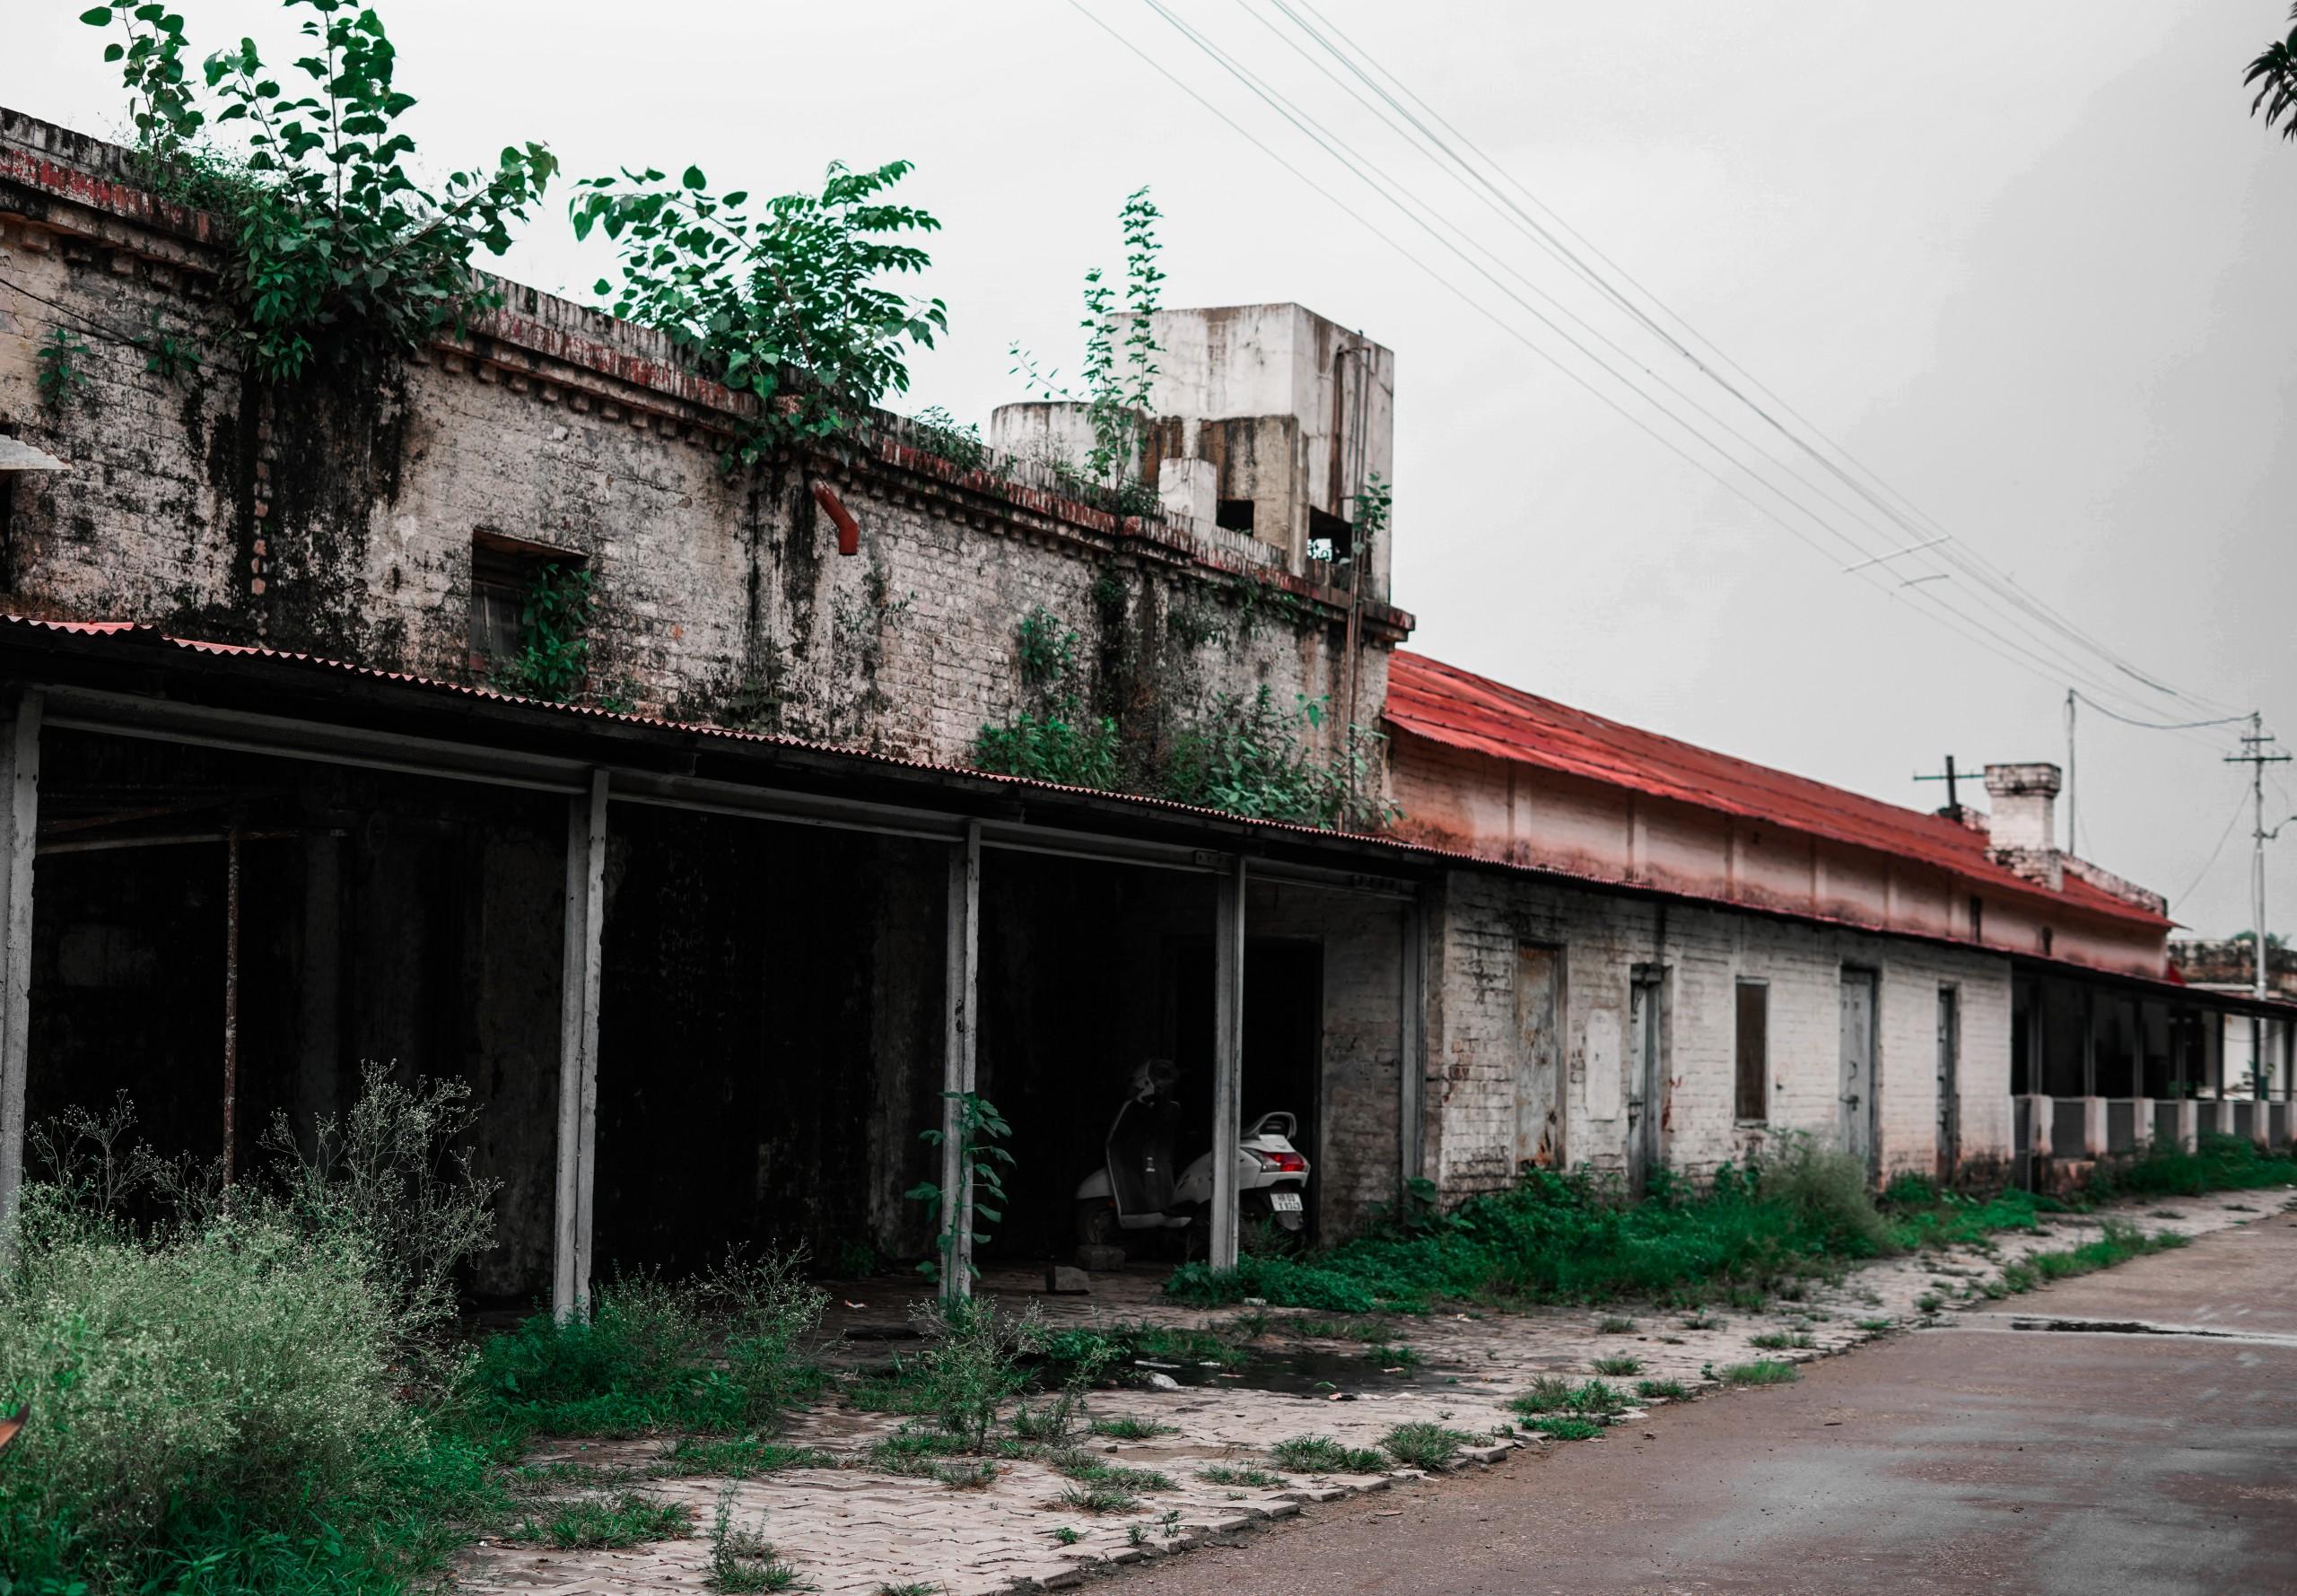 Railway Employee's Houses